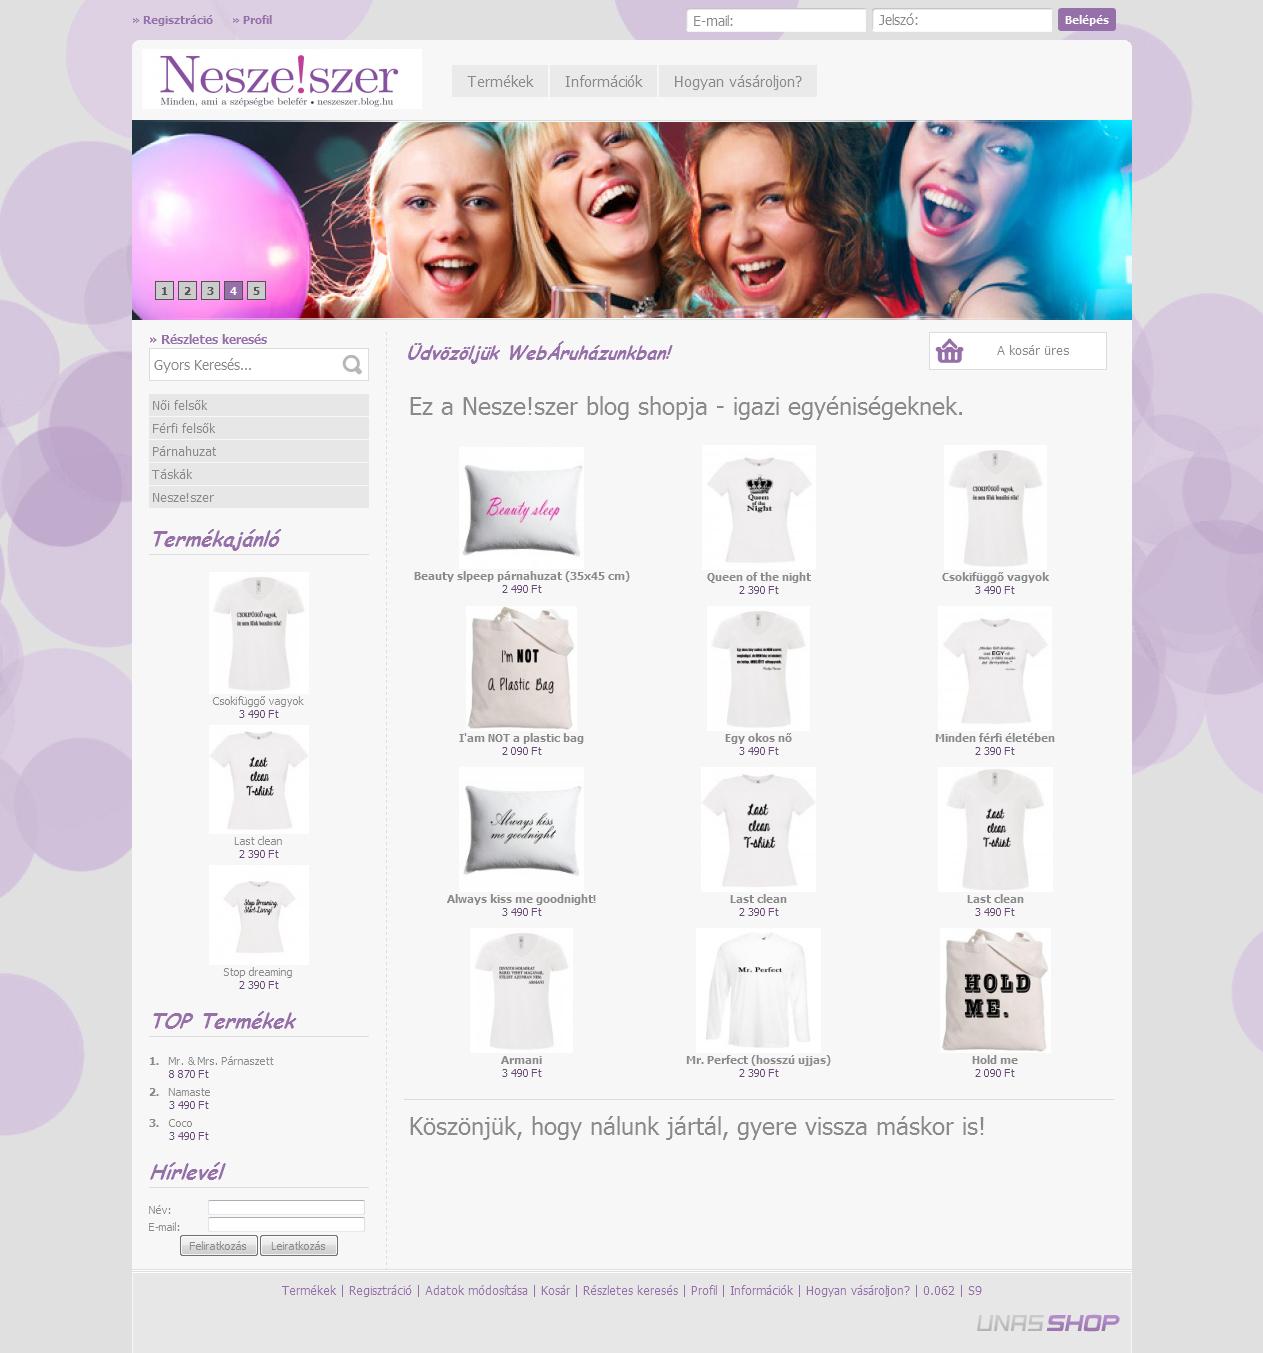 shop_printscreen02 másolata.jpg